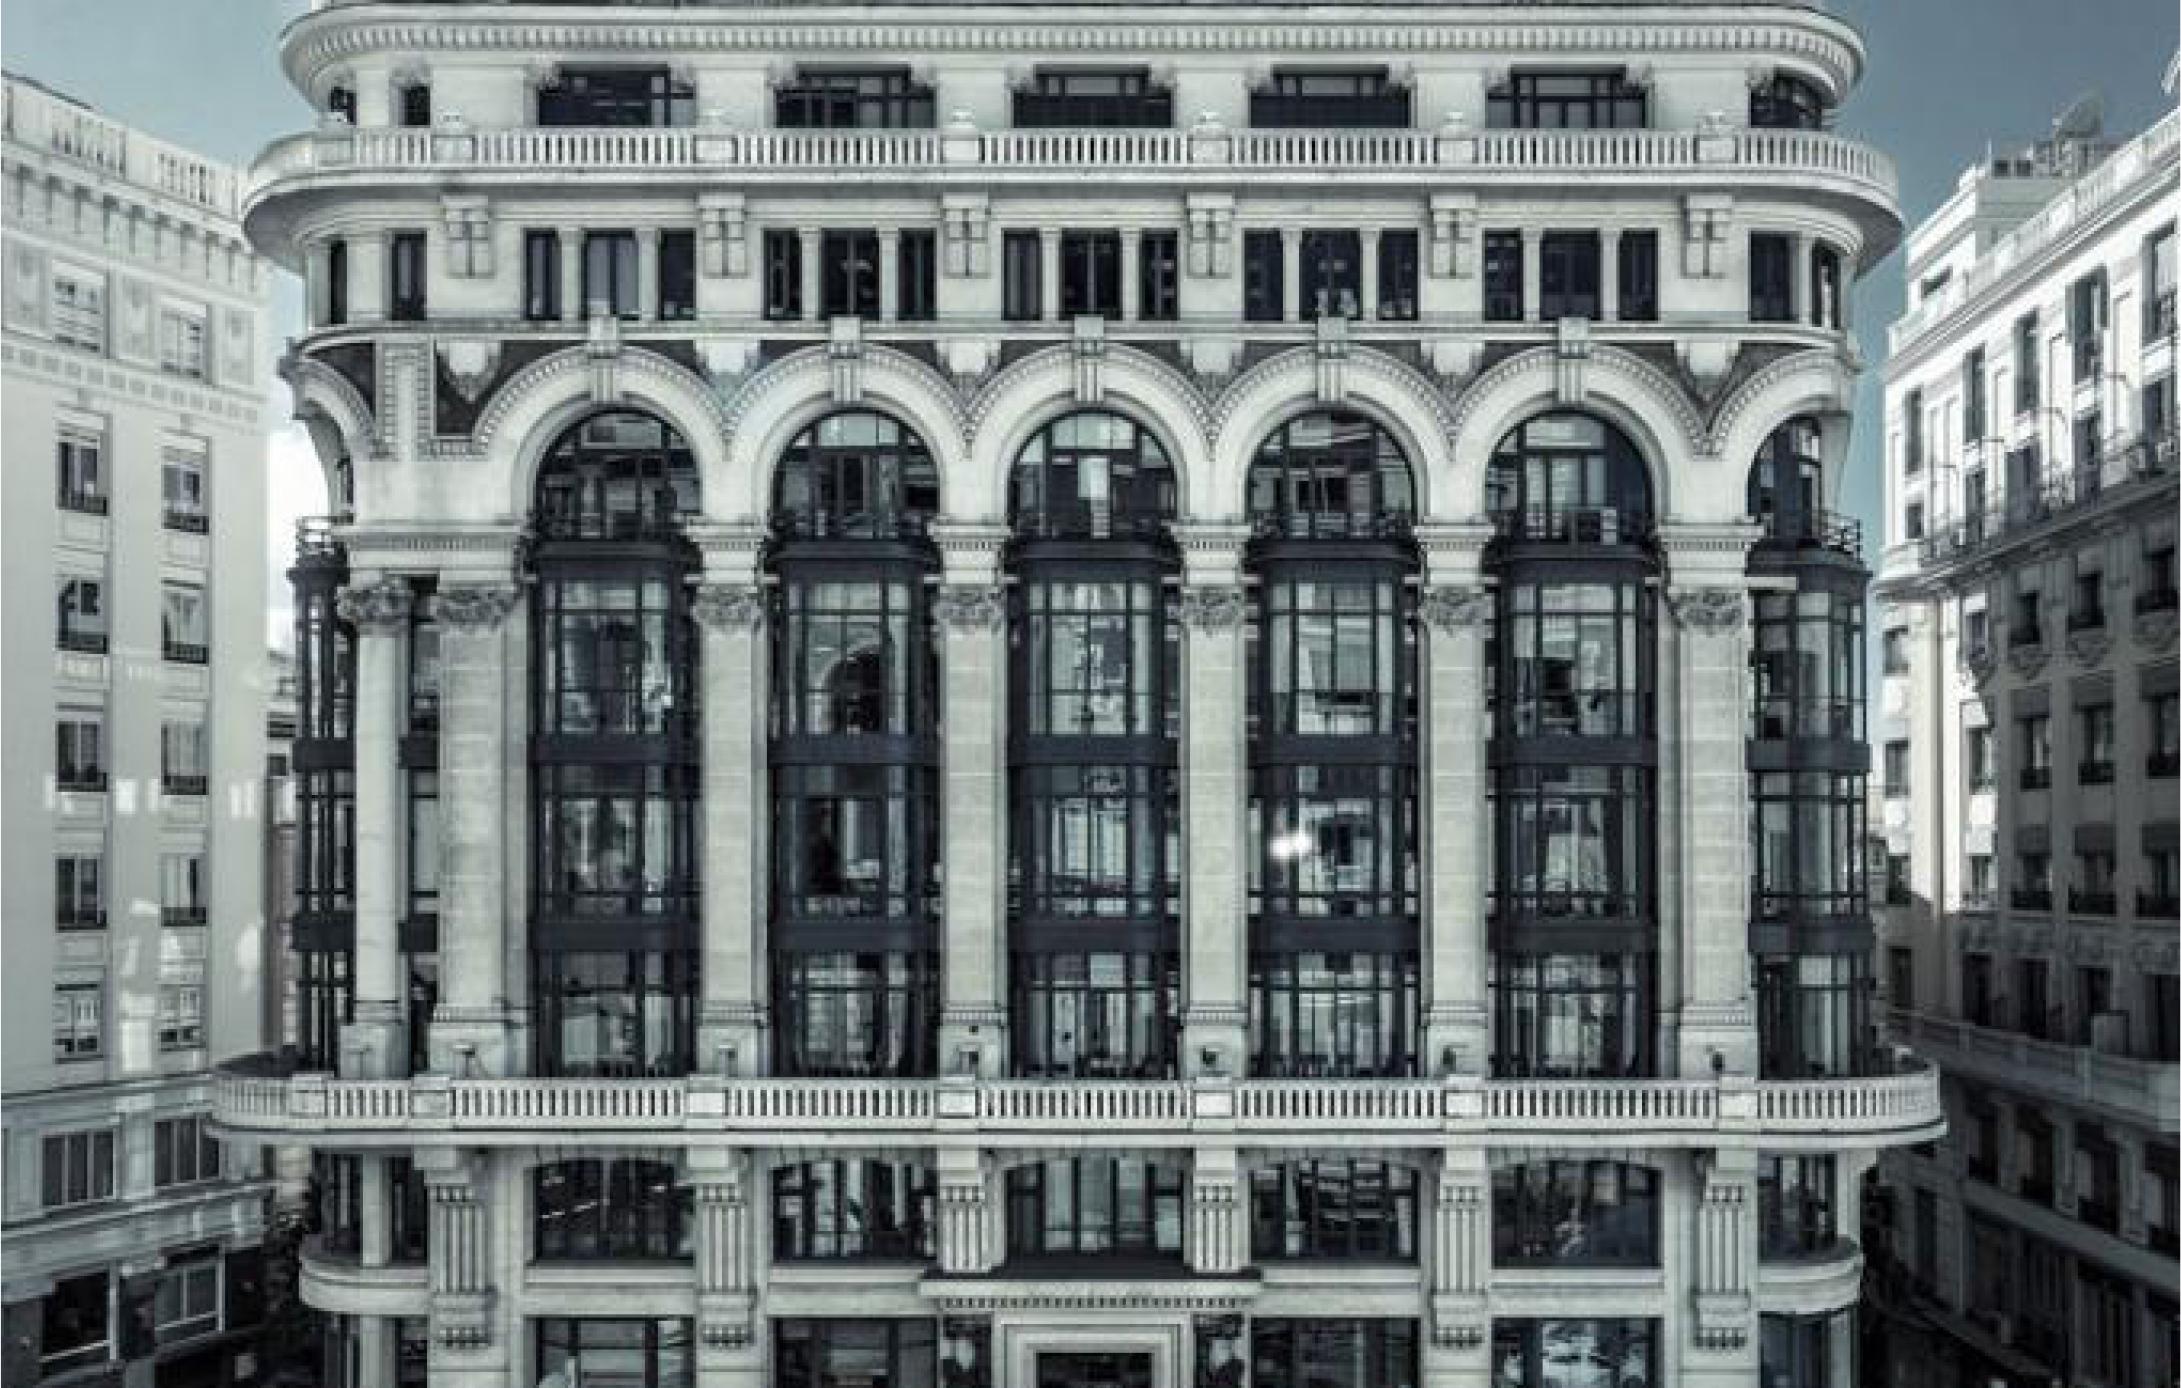 Retrospectiva del legado del arquitecto antonio palacios en madrid a trav s del objetivo de la - Arquitecto de interiores madrid ...